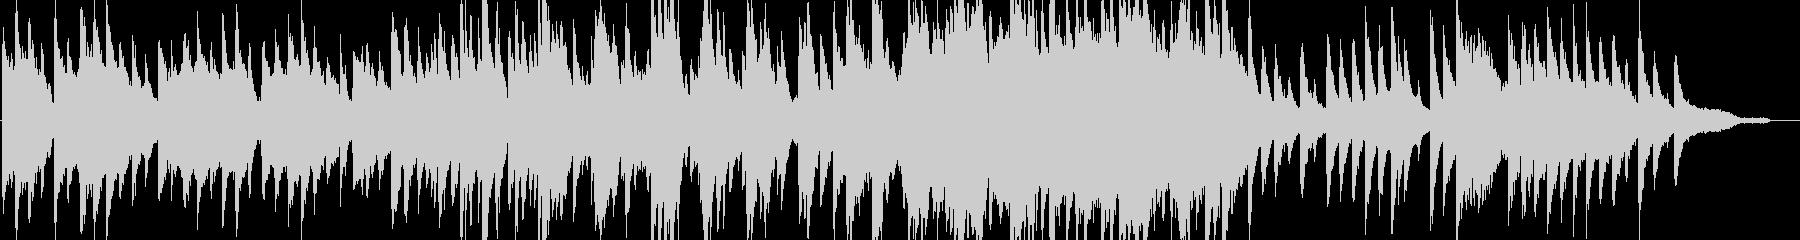 リラックス・ジャズ・映像・ナレーション用の未再生の波形